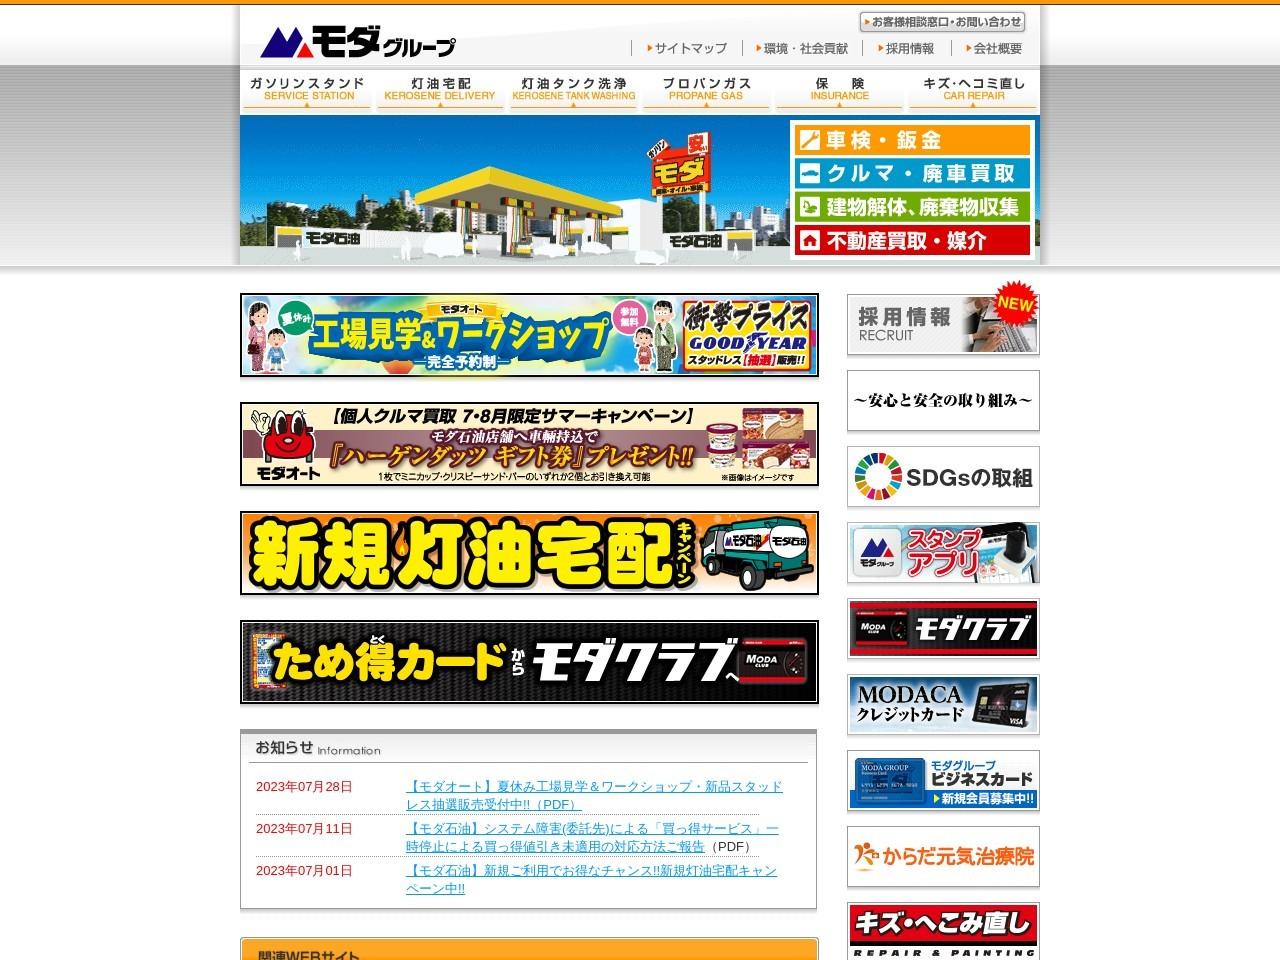 モダグループ・モダ石油株式会社/本社